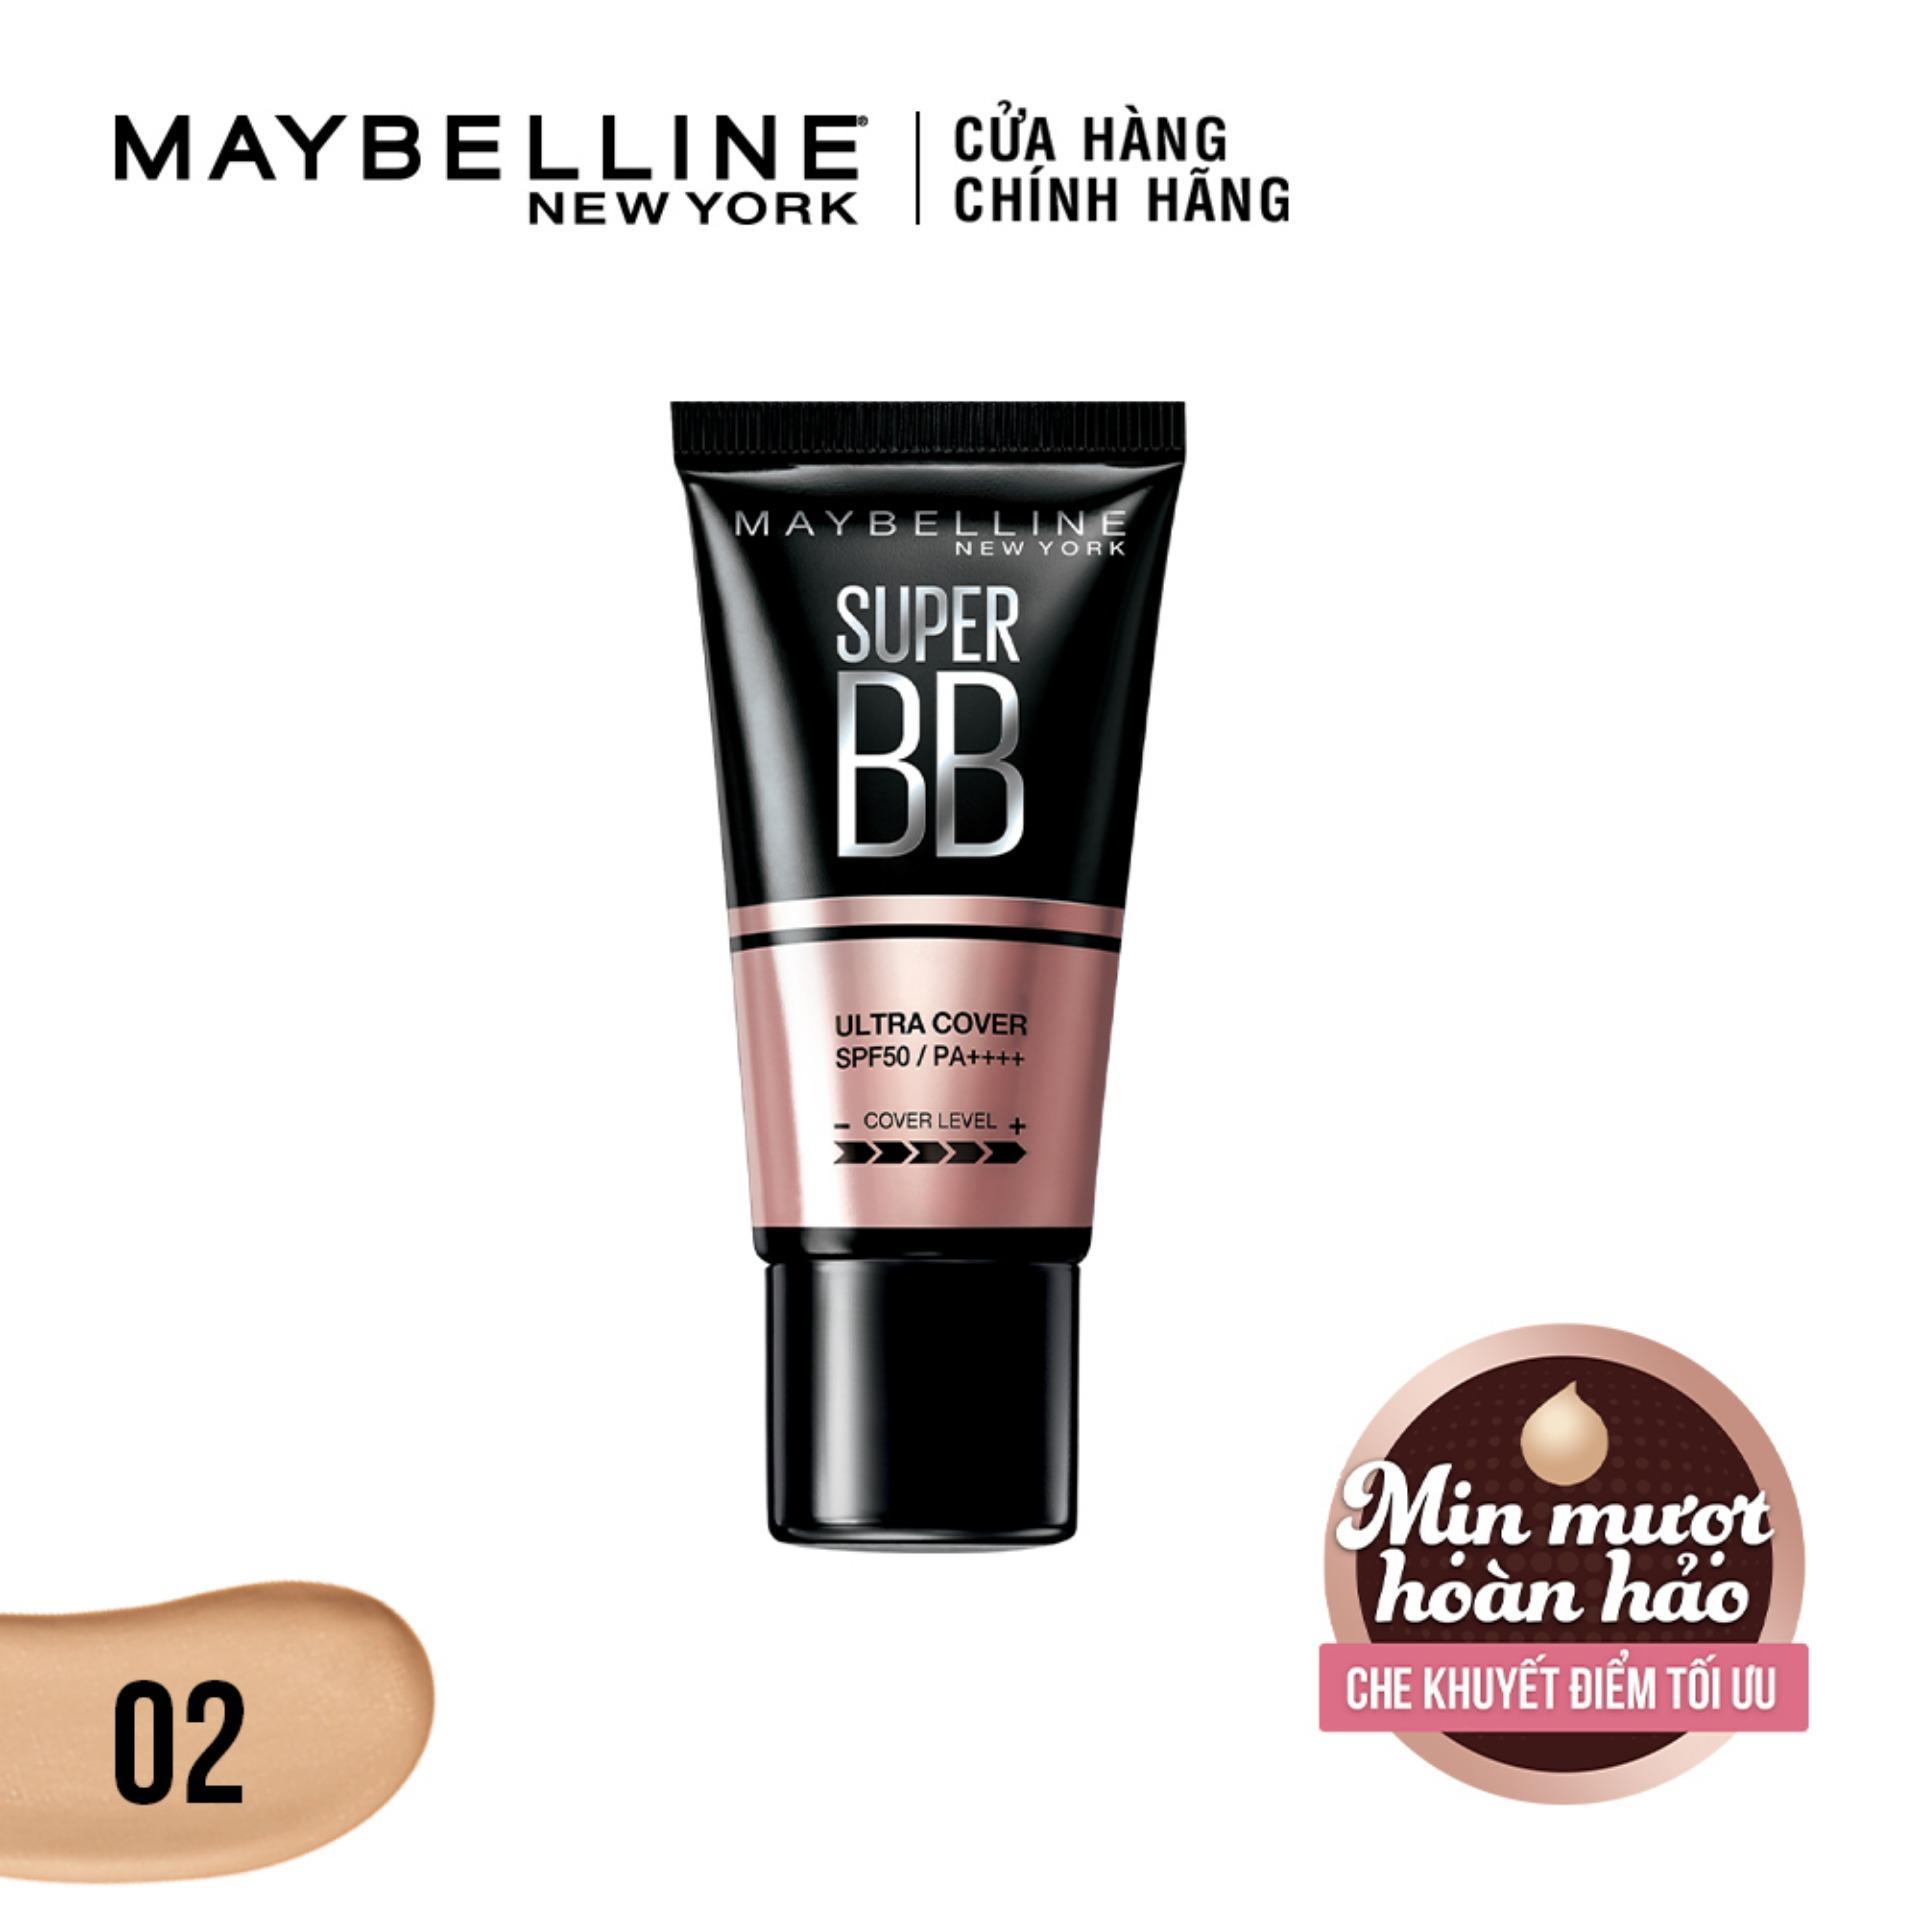 Kem trang điểm siêu mịn bảo vệ da Maybelline New York BB Super cover SPF50/PA++++ 30ml tốt nhất